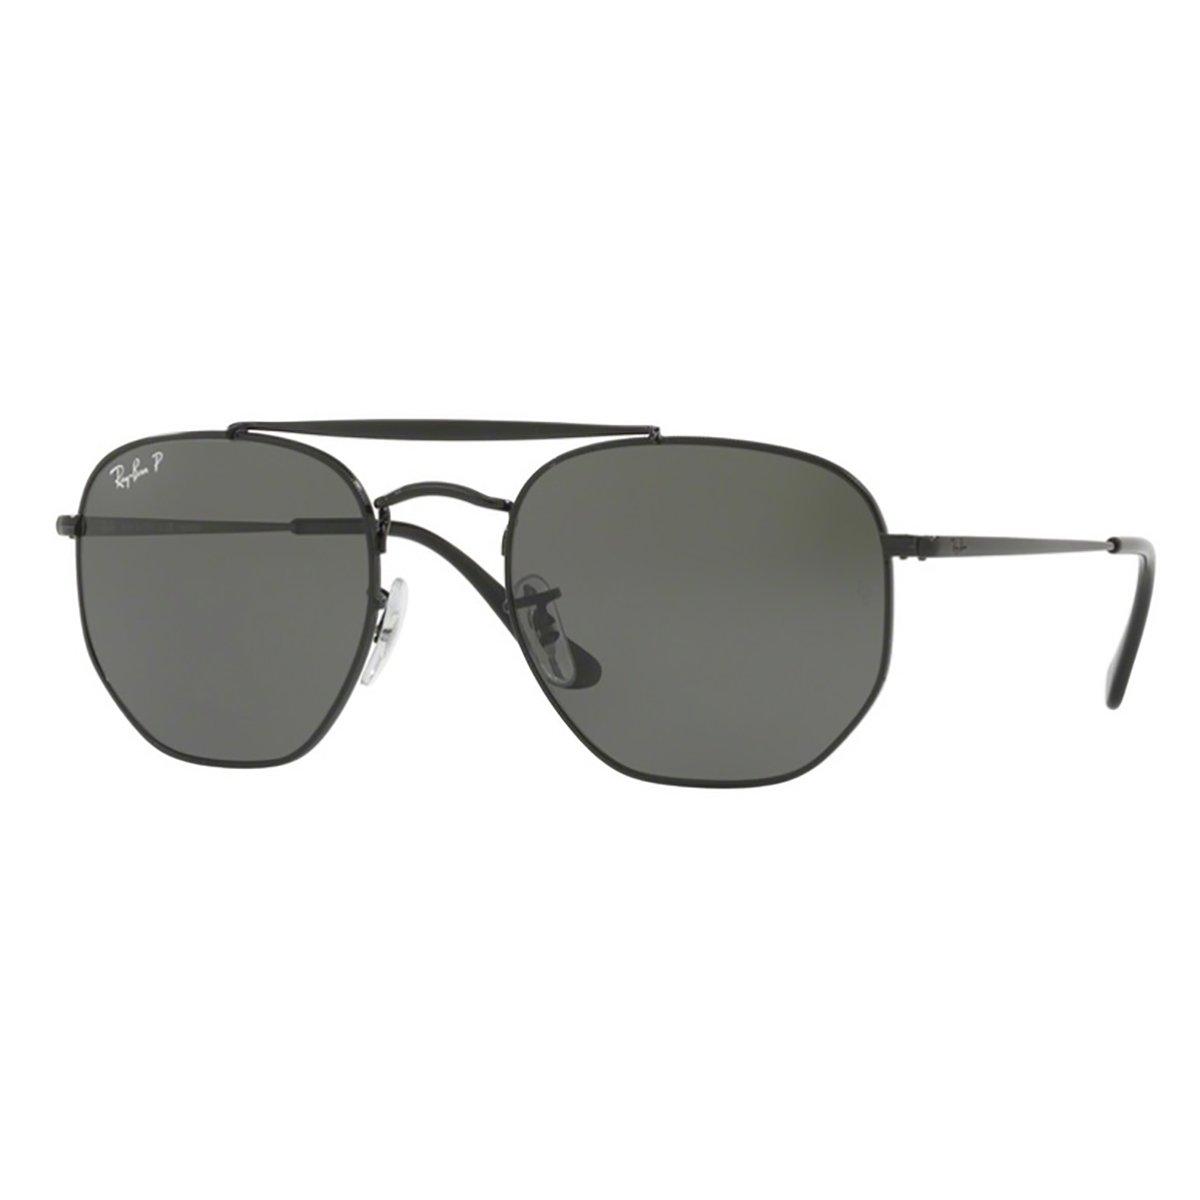 Compre Óculos de Sol Ray Ban Marshal em 10X   Tri-Jóia Shop 01943520da